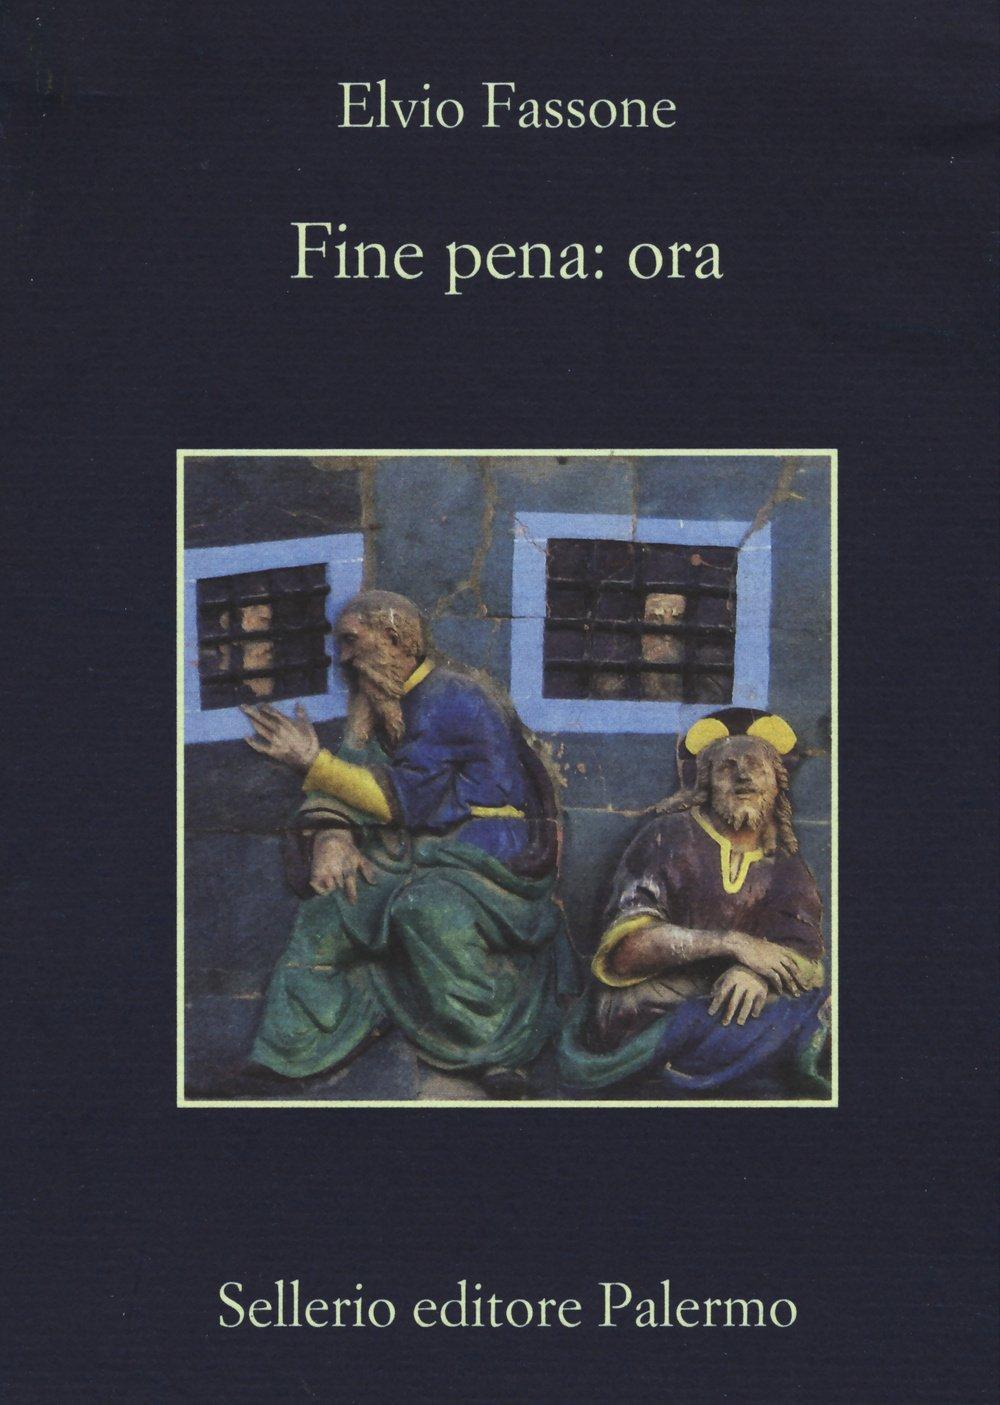 Fine pena: ora Copertina flessibile – 29 ott 2015 Elvio Fassone Sellerio Editore Palermo 8838934002 Altra non illustrata